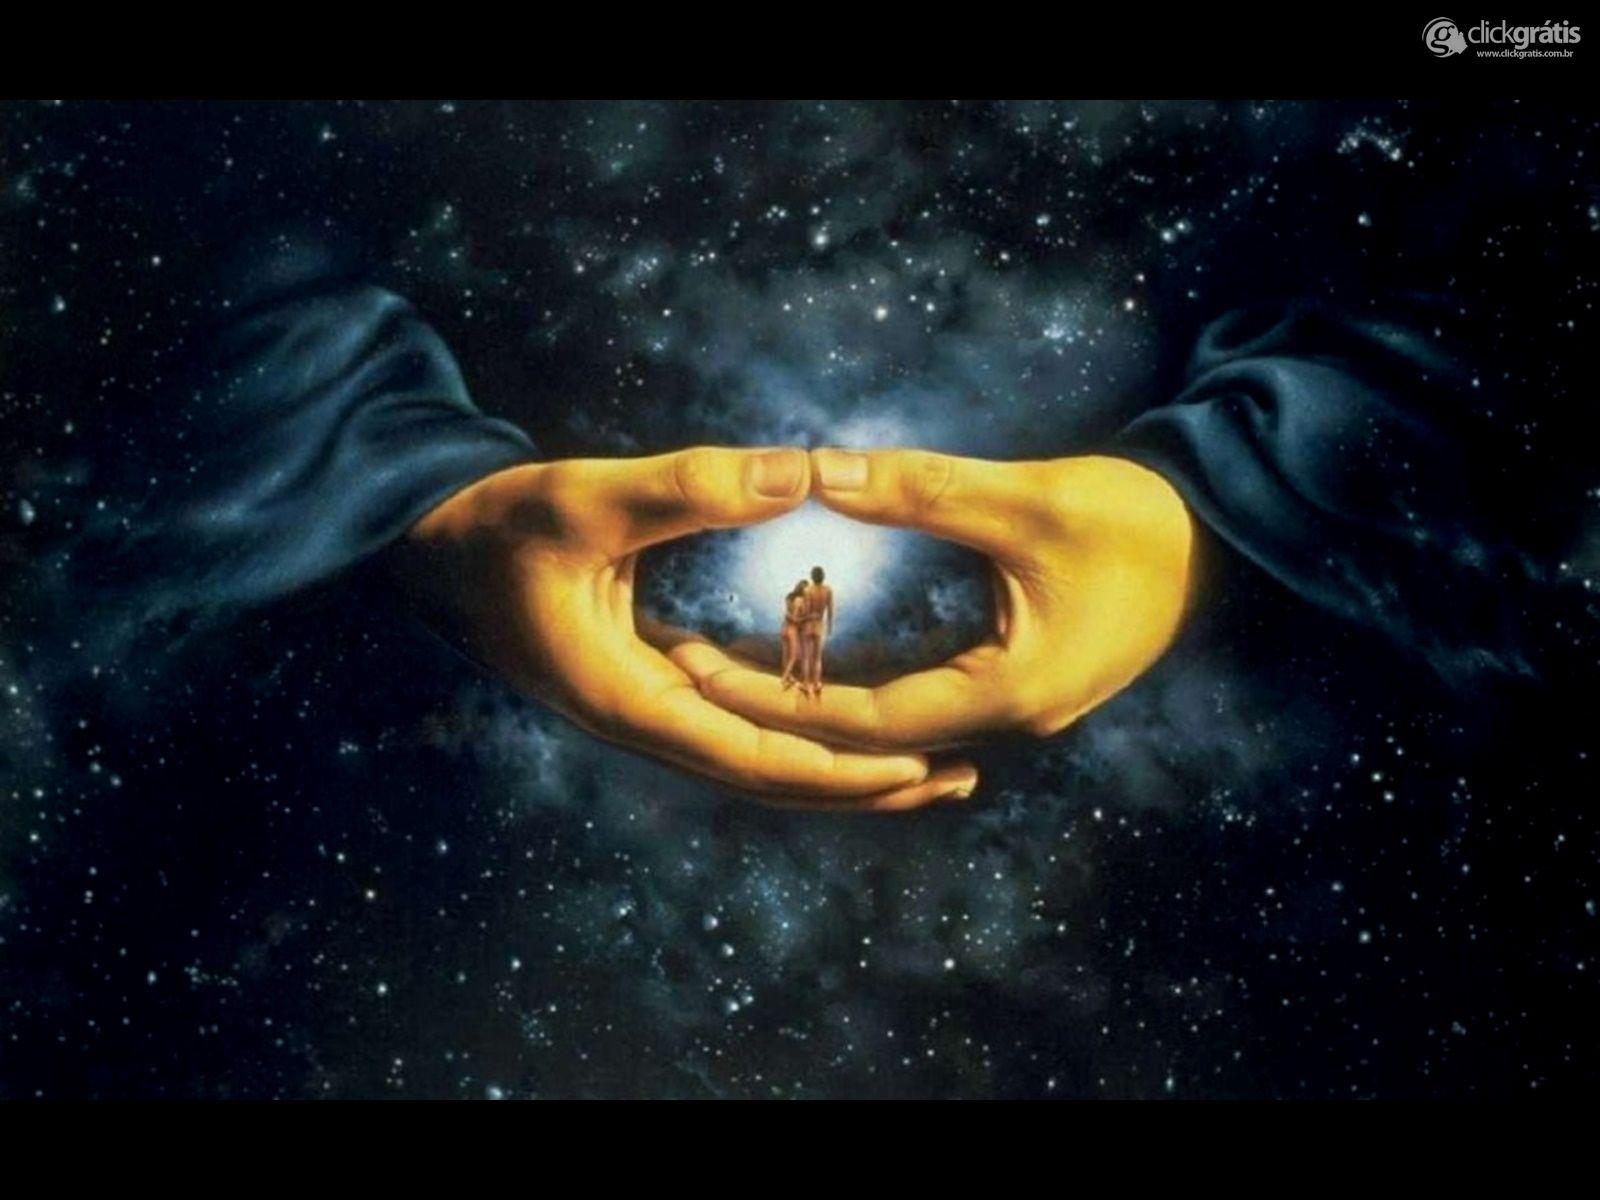 Papel De Parede Universo Amoroso -> Imagens Do Universo Para Papel De Parede